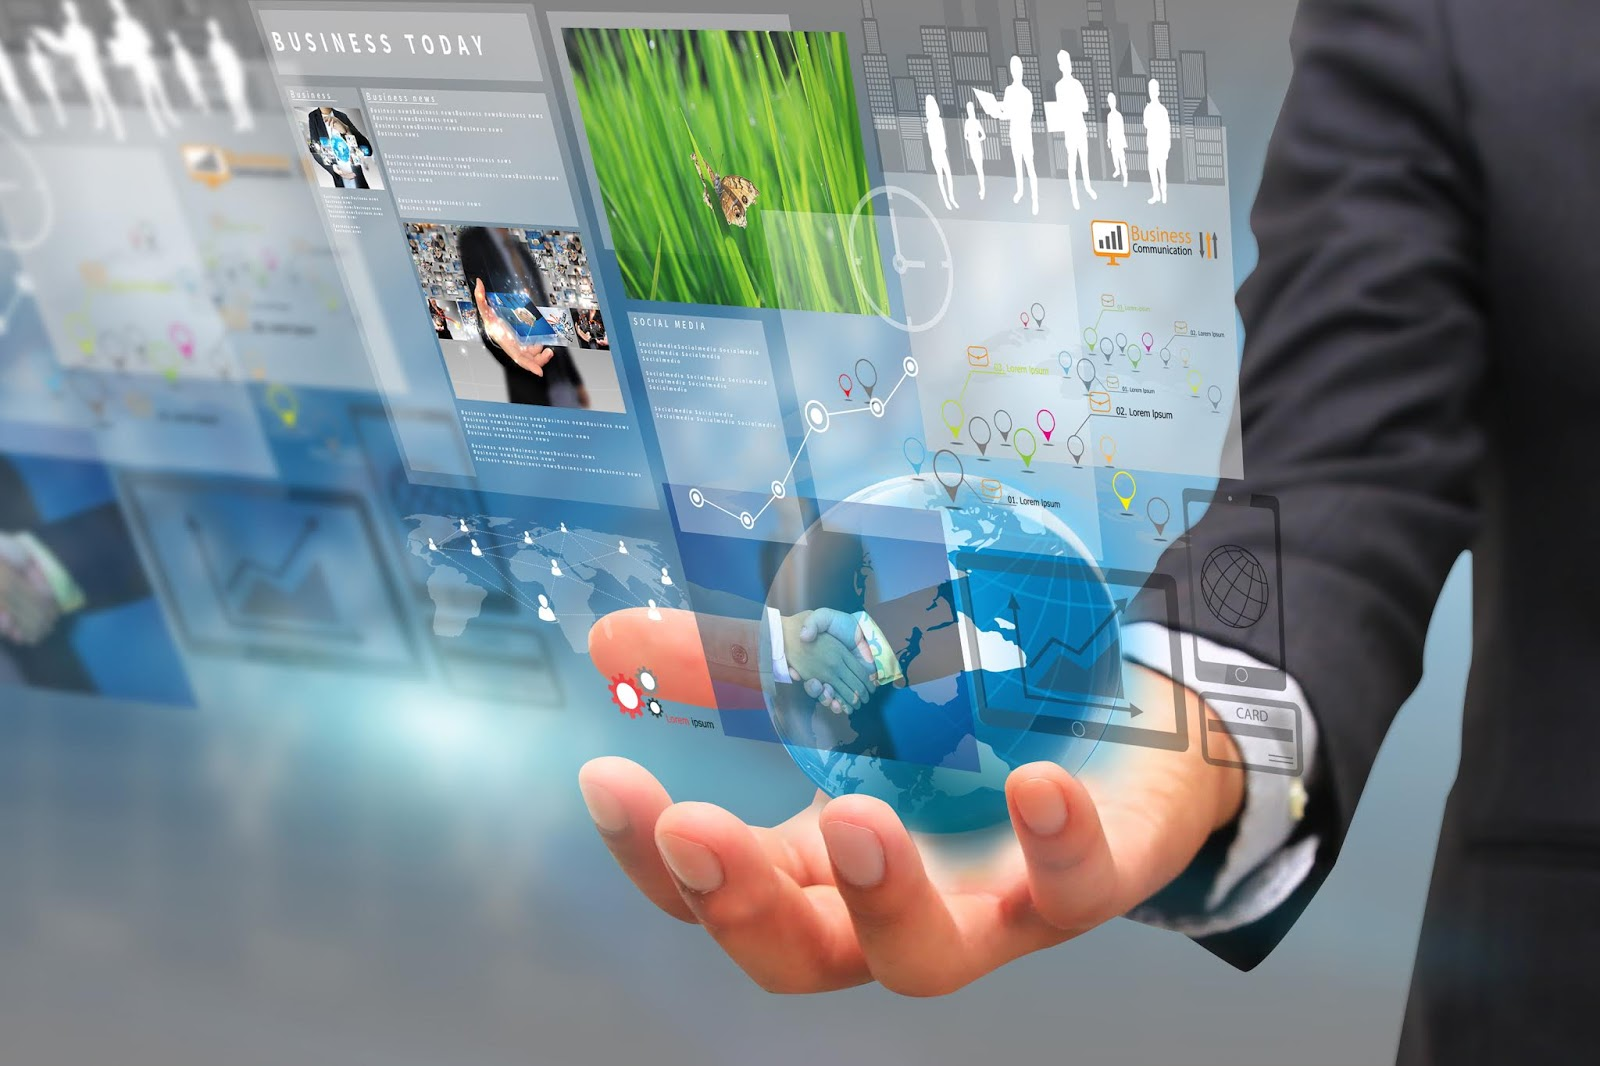 Garça investe em tecnologia para melhorar a gestão pública